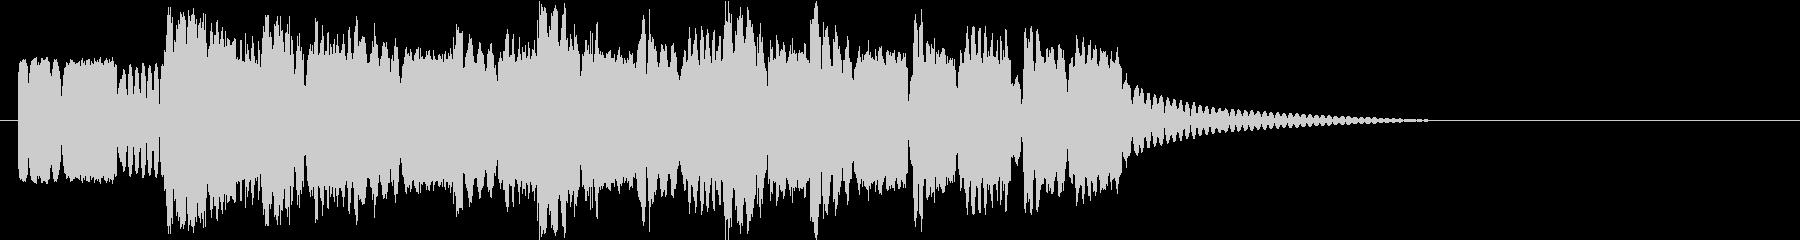 ロボットサウンド 機械音8  の未再生の波形